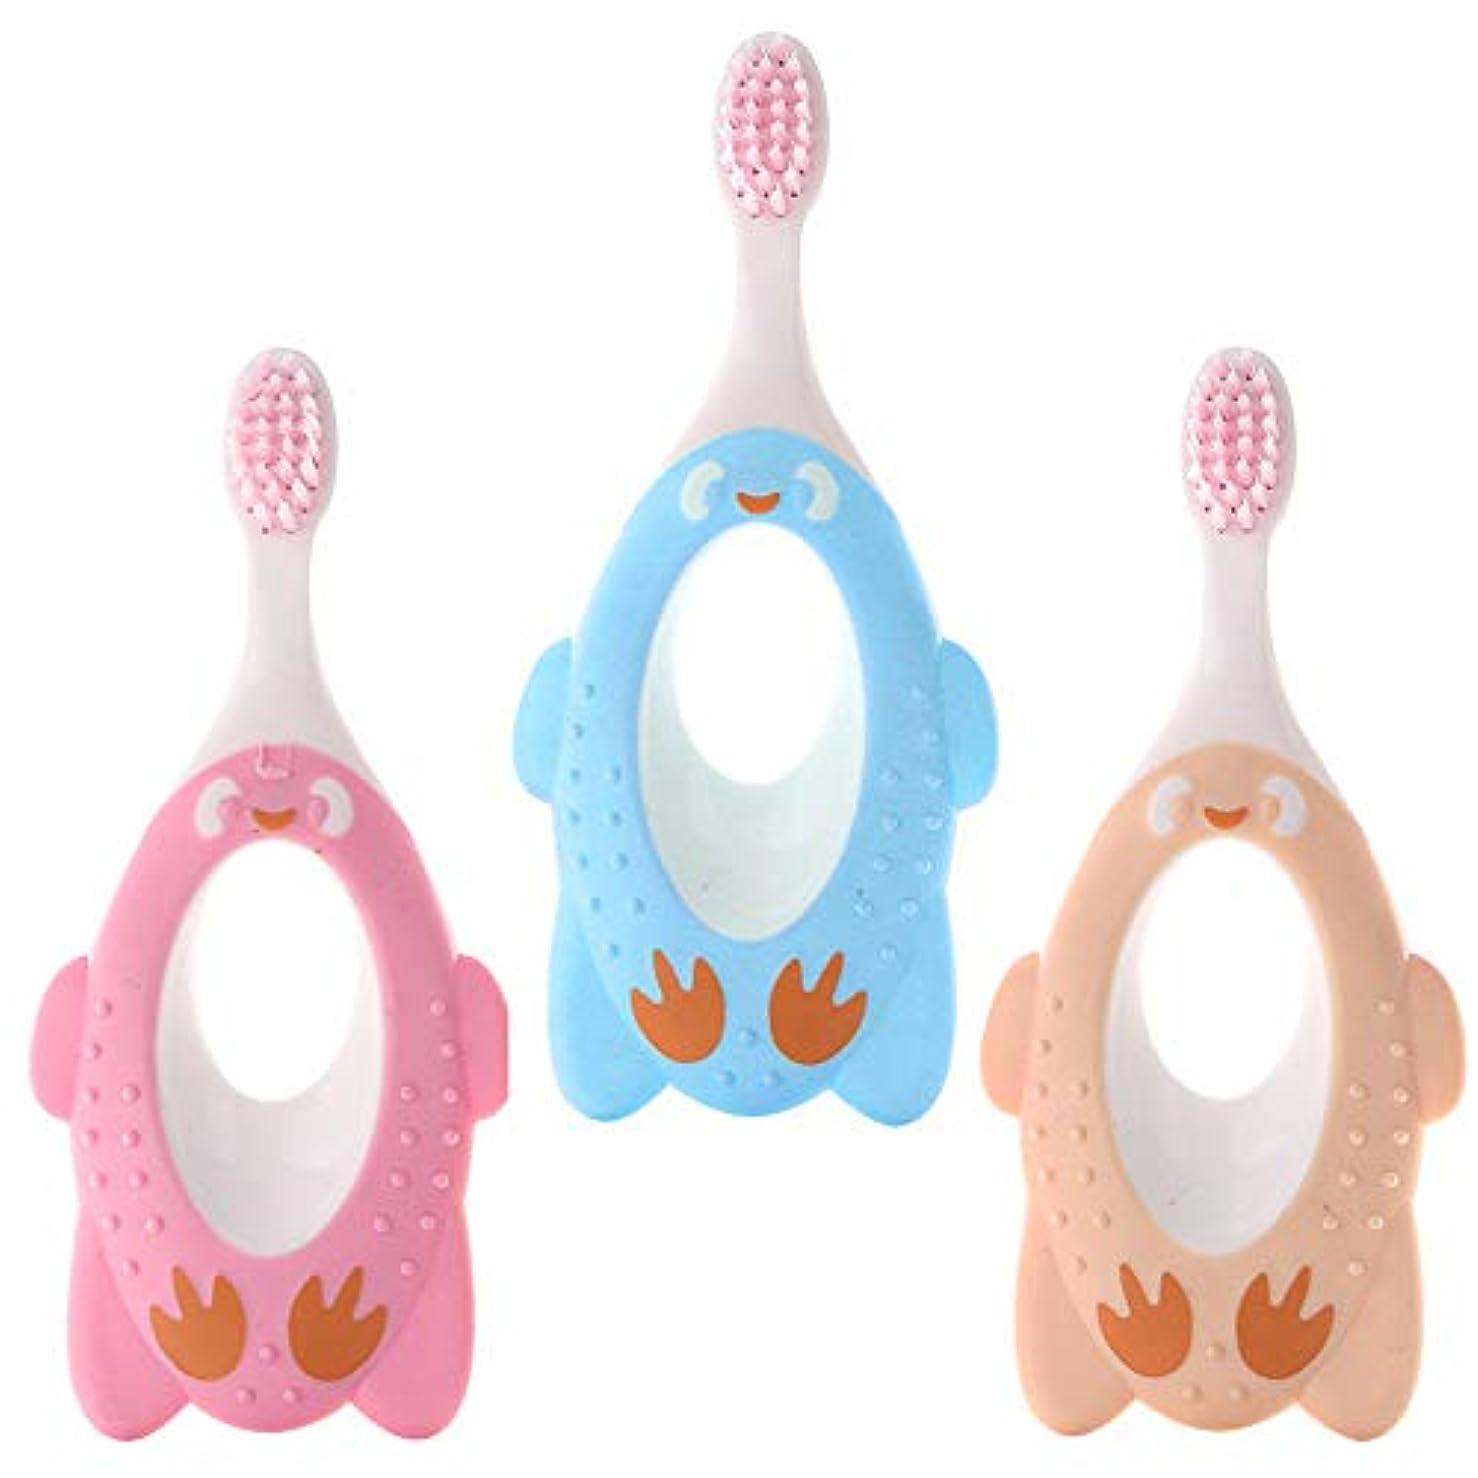 線クリップ蝶ガム赤ん坊、幼児および子供のための3つのかわいい赤ん坊の歯ブラシセットやわらかデンタルトレーニング歯ブラシオーラルケアセット17×9.5cm(ブルーピンクイエロー)